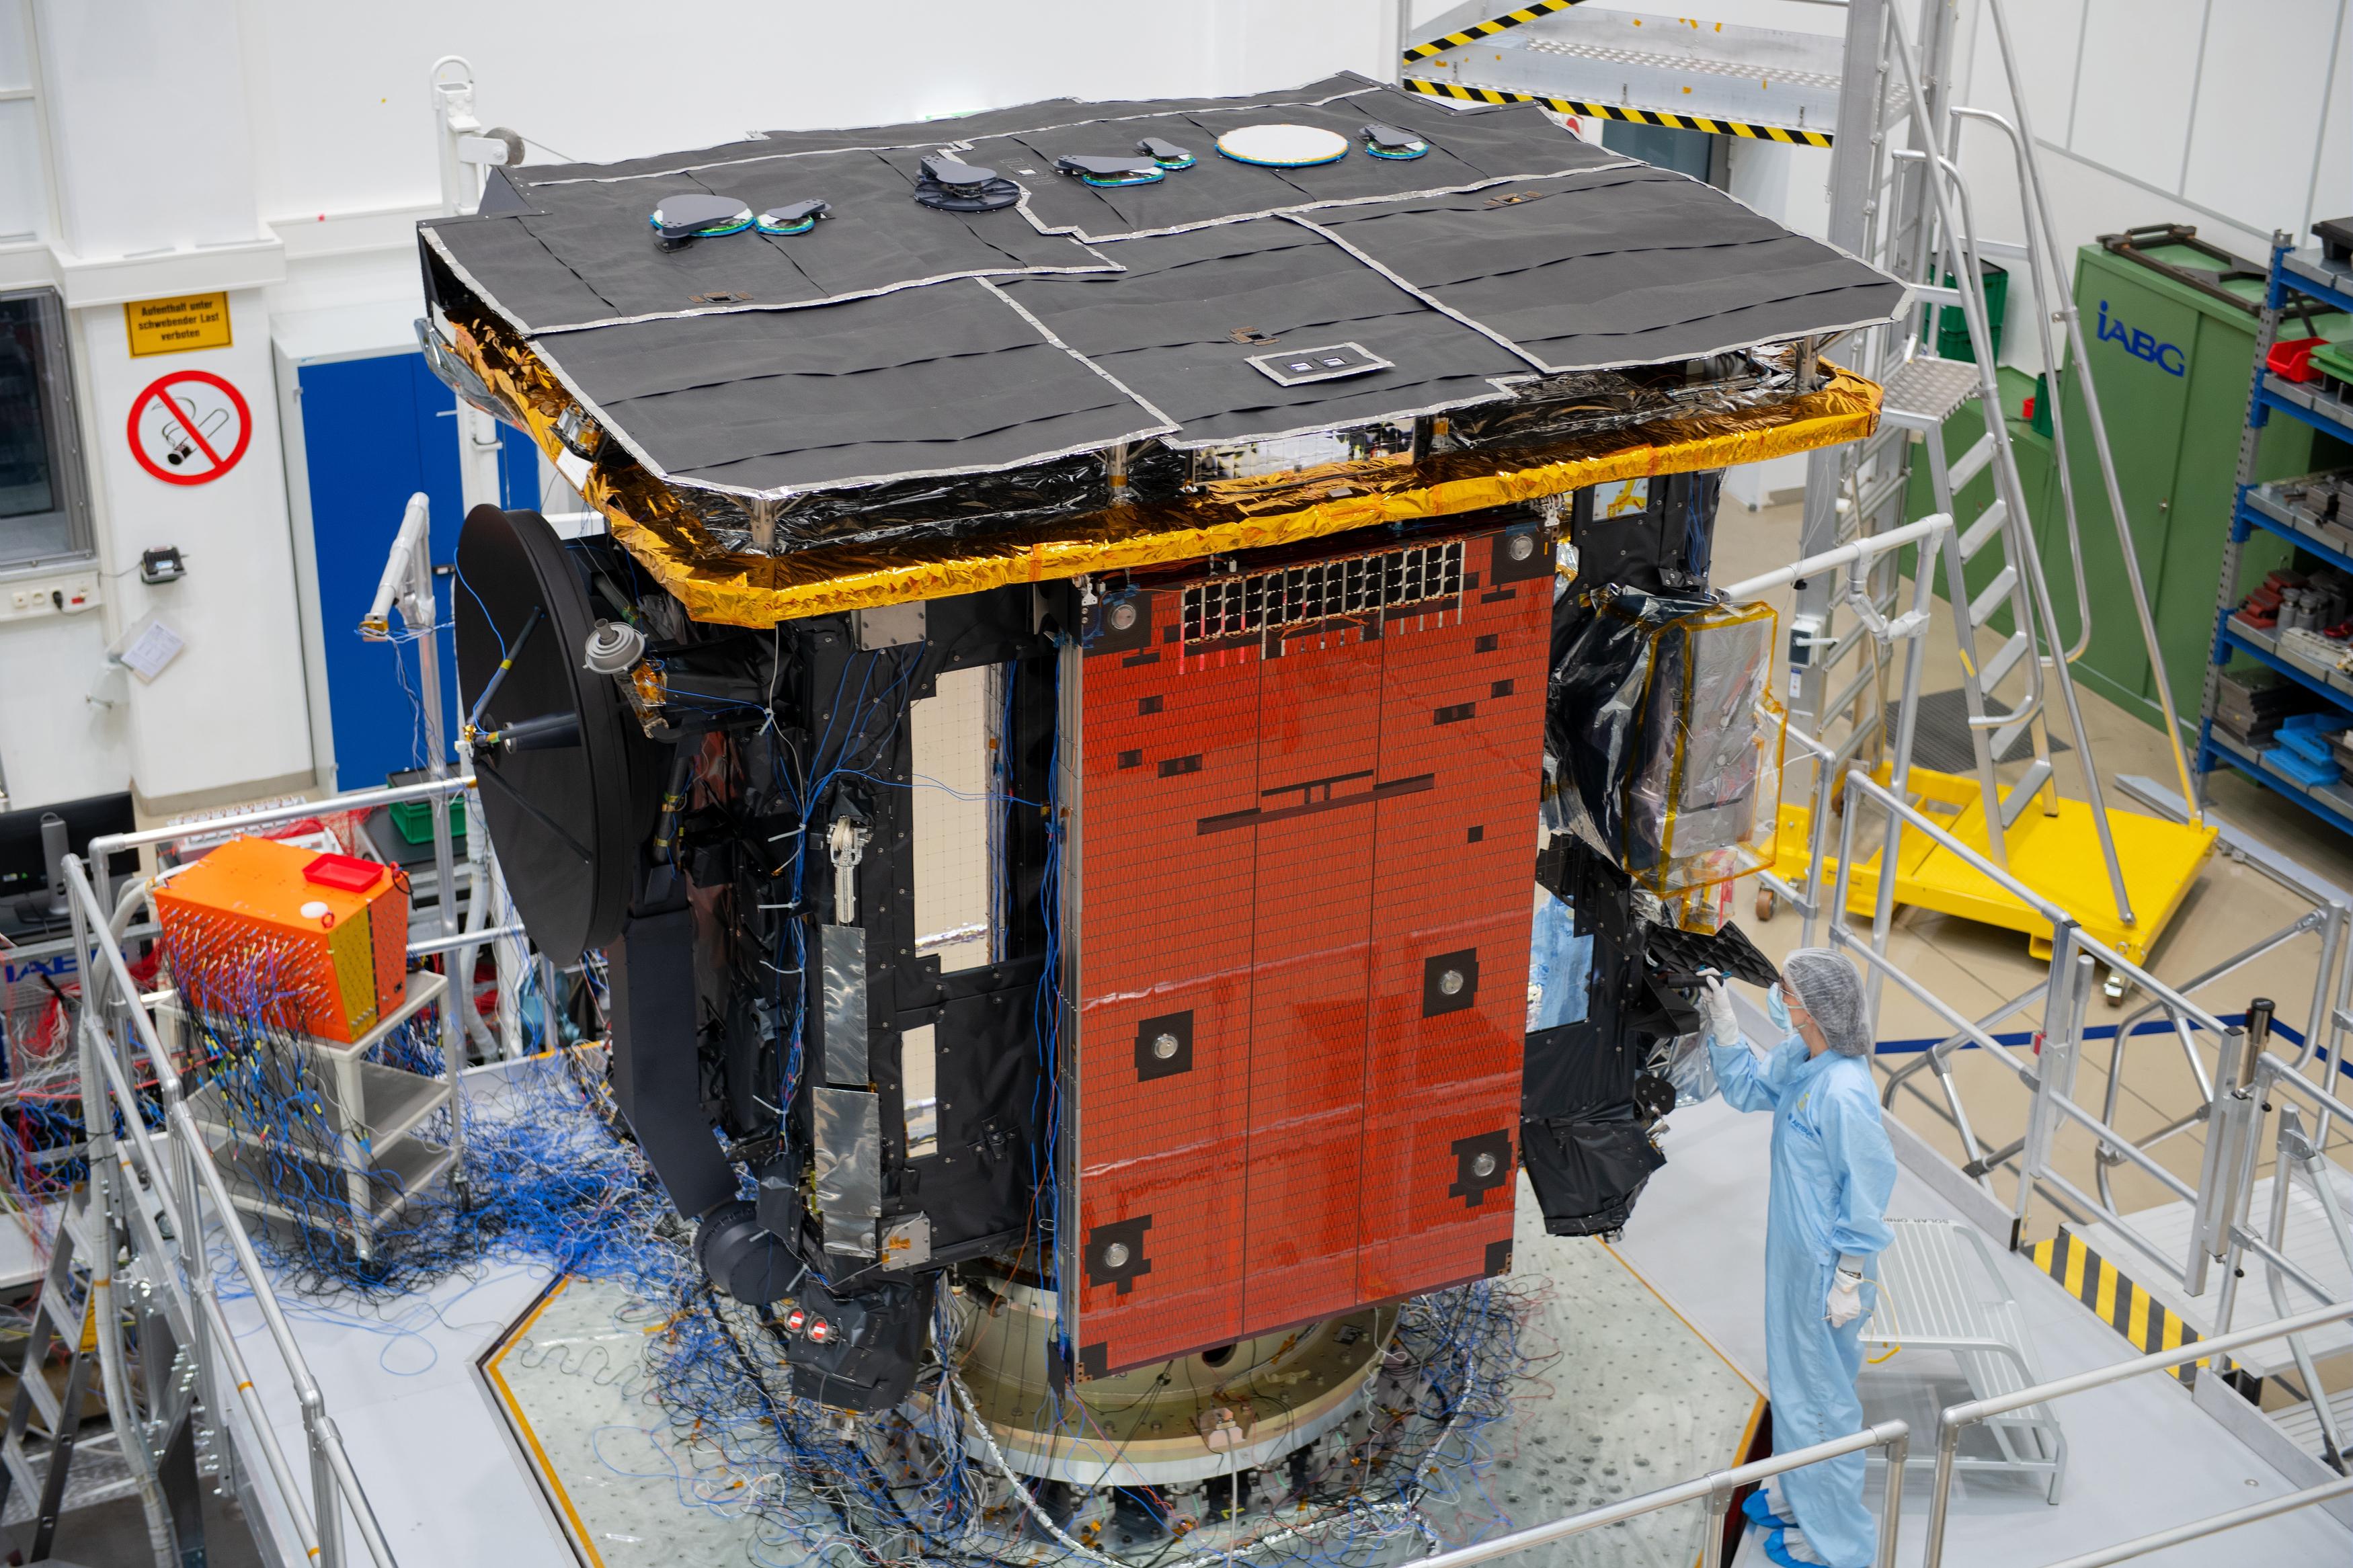 1567214294442-Solar_Orbiter_vibration_test_prep_20190212_6.jpg